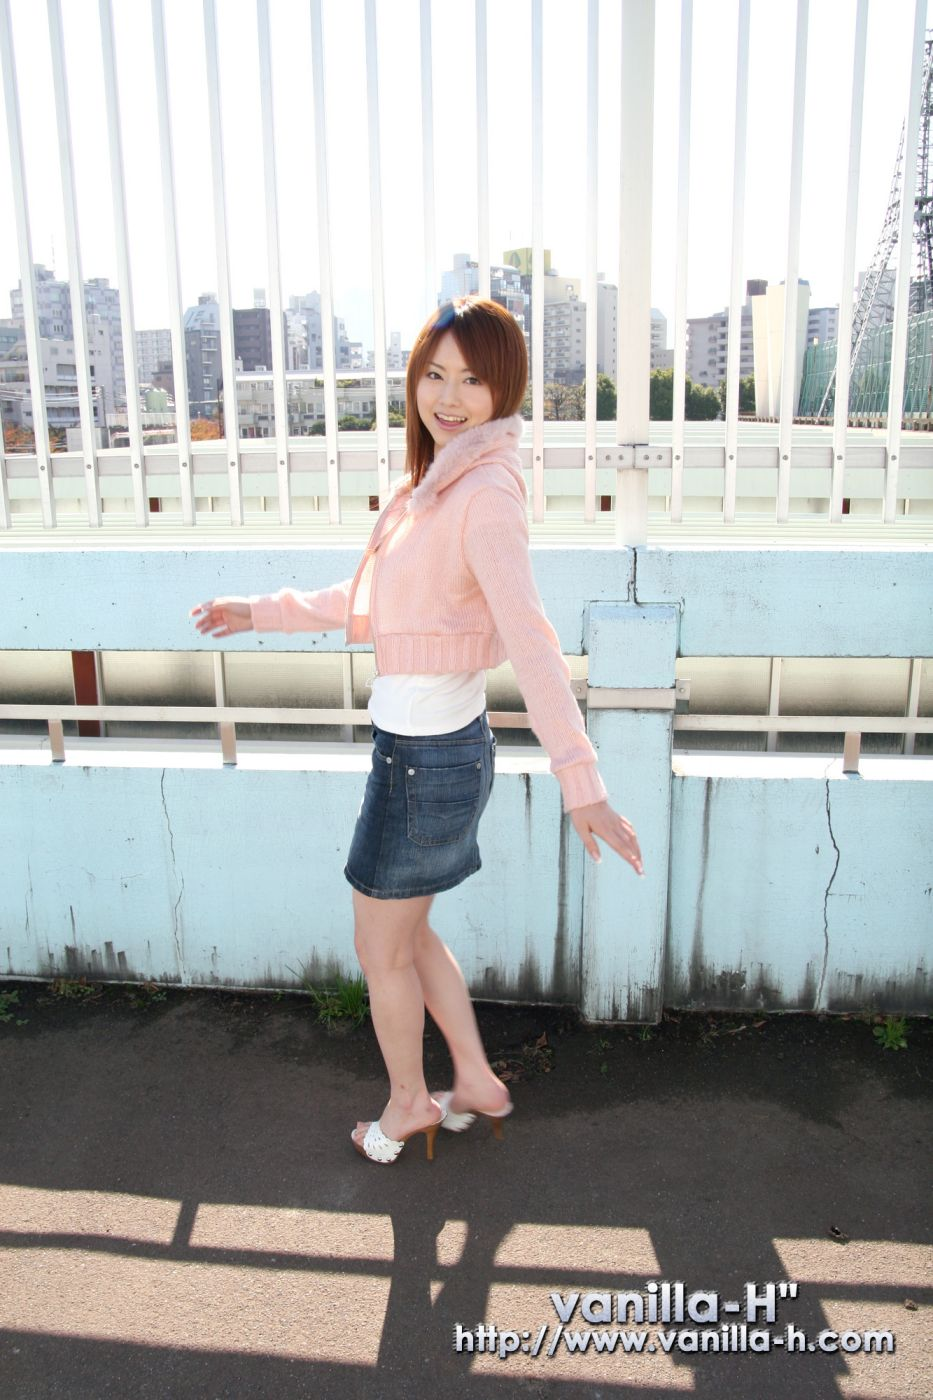 吉沢明歩 画像 49